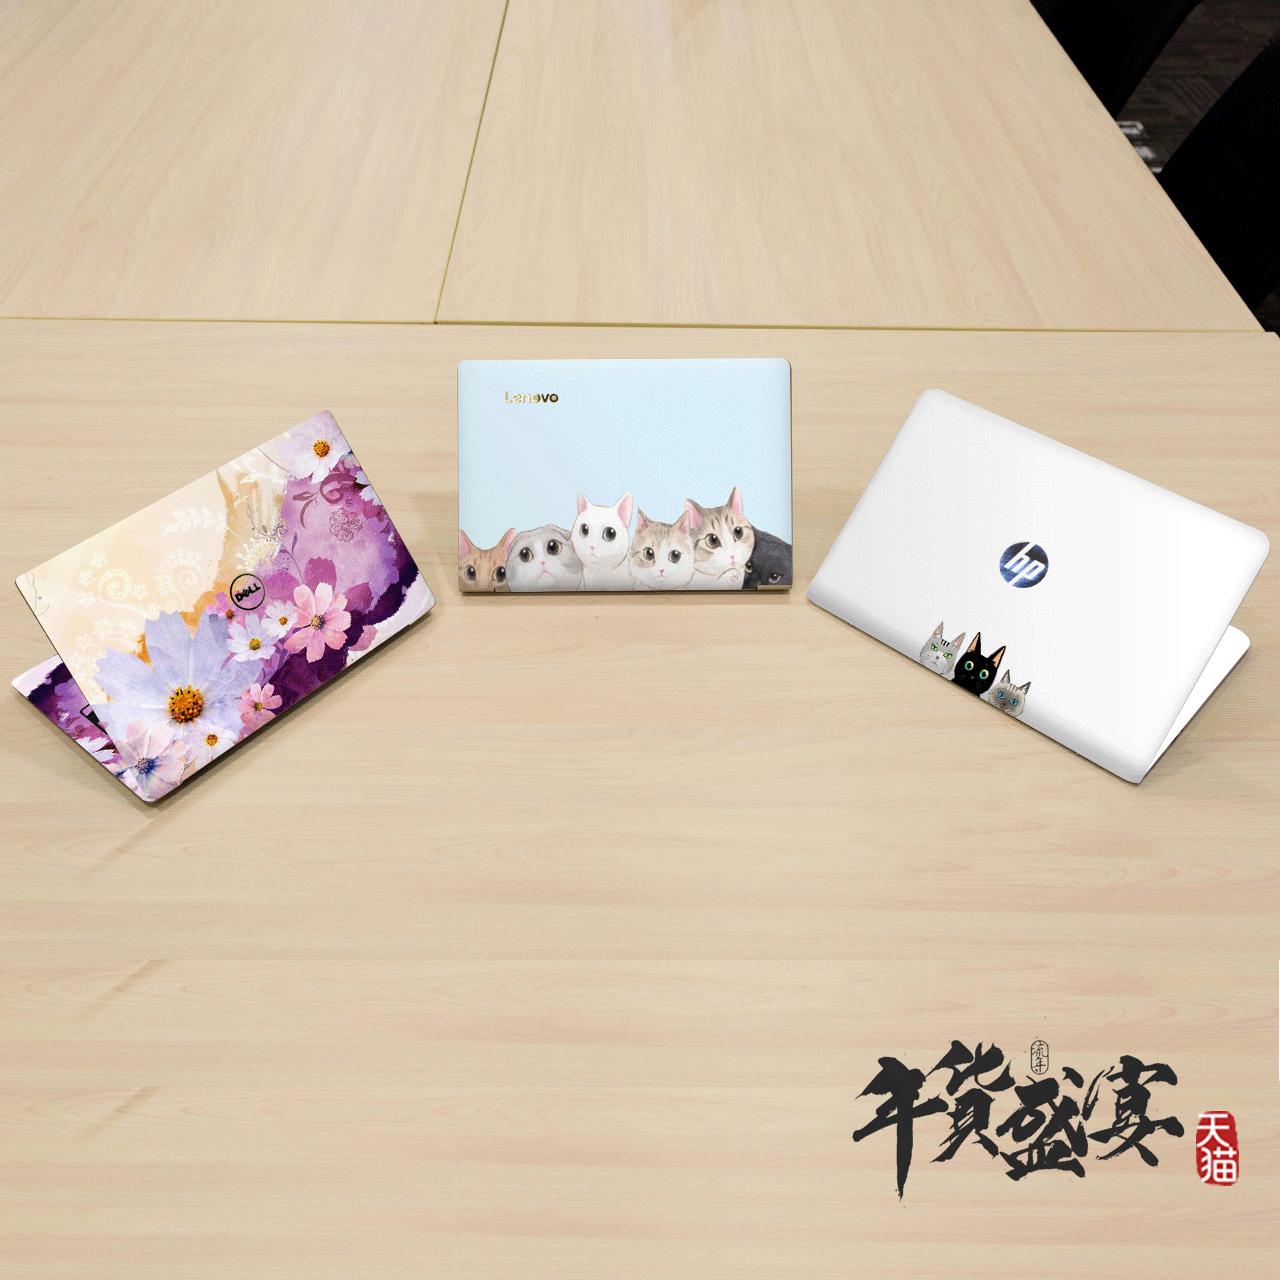 聯想華碩戴爾惠普神舟筆記本電腦貼膜貼紙14寸15.6寸免裁剪定製